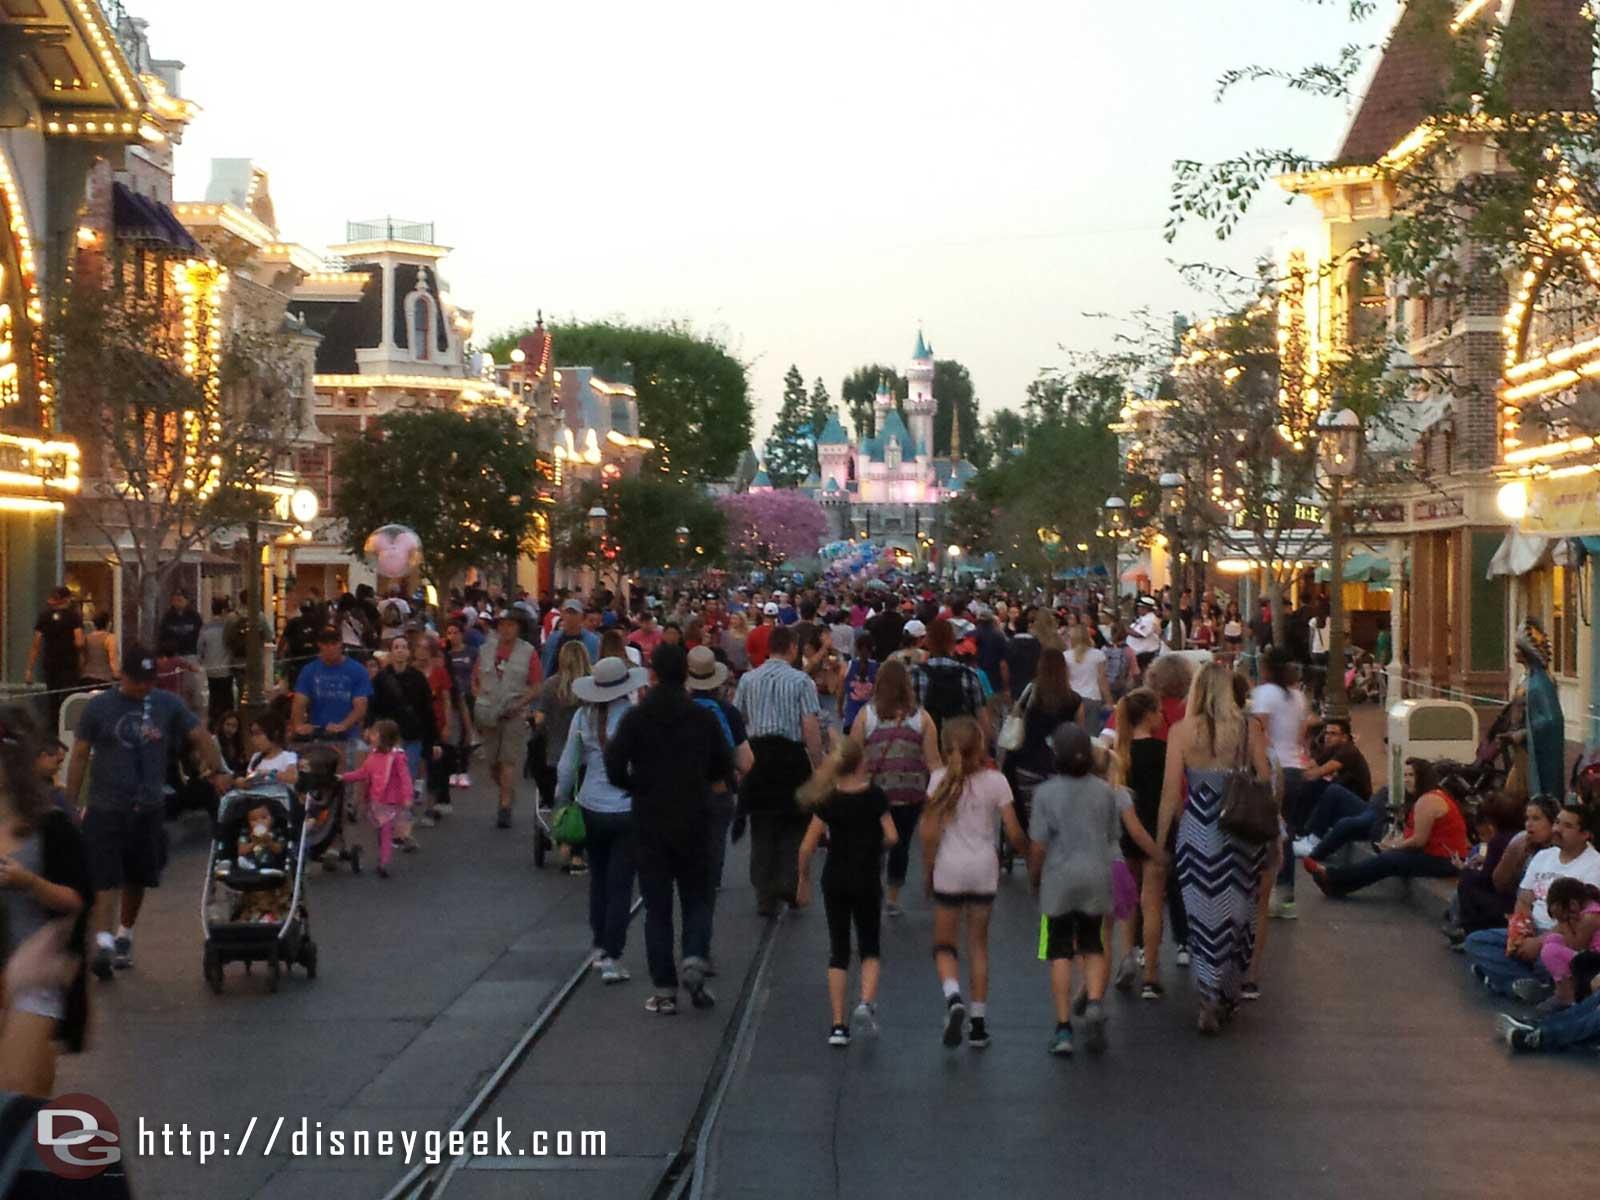 Main Street USA #Disneyland around 6pm